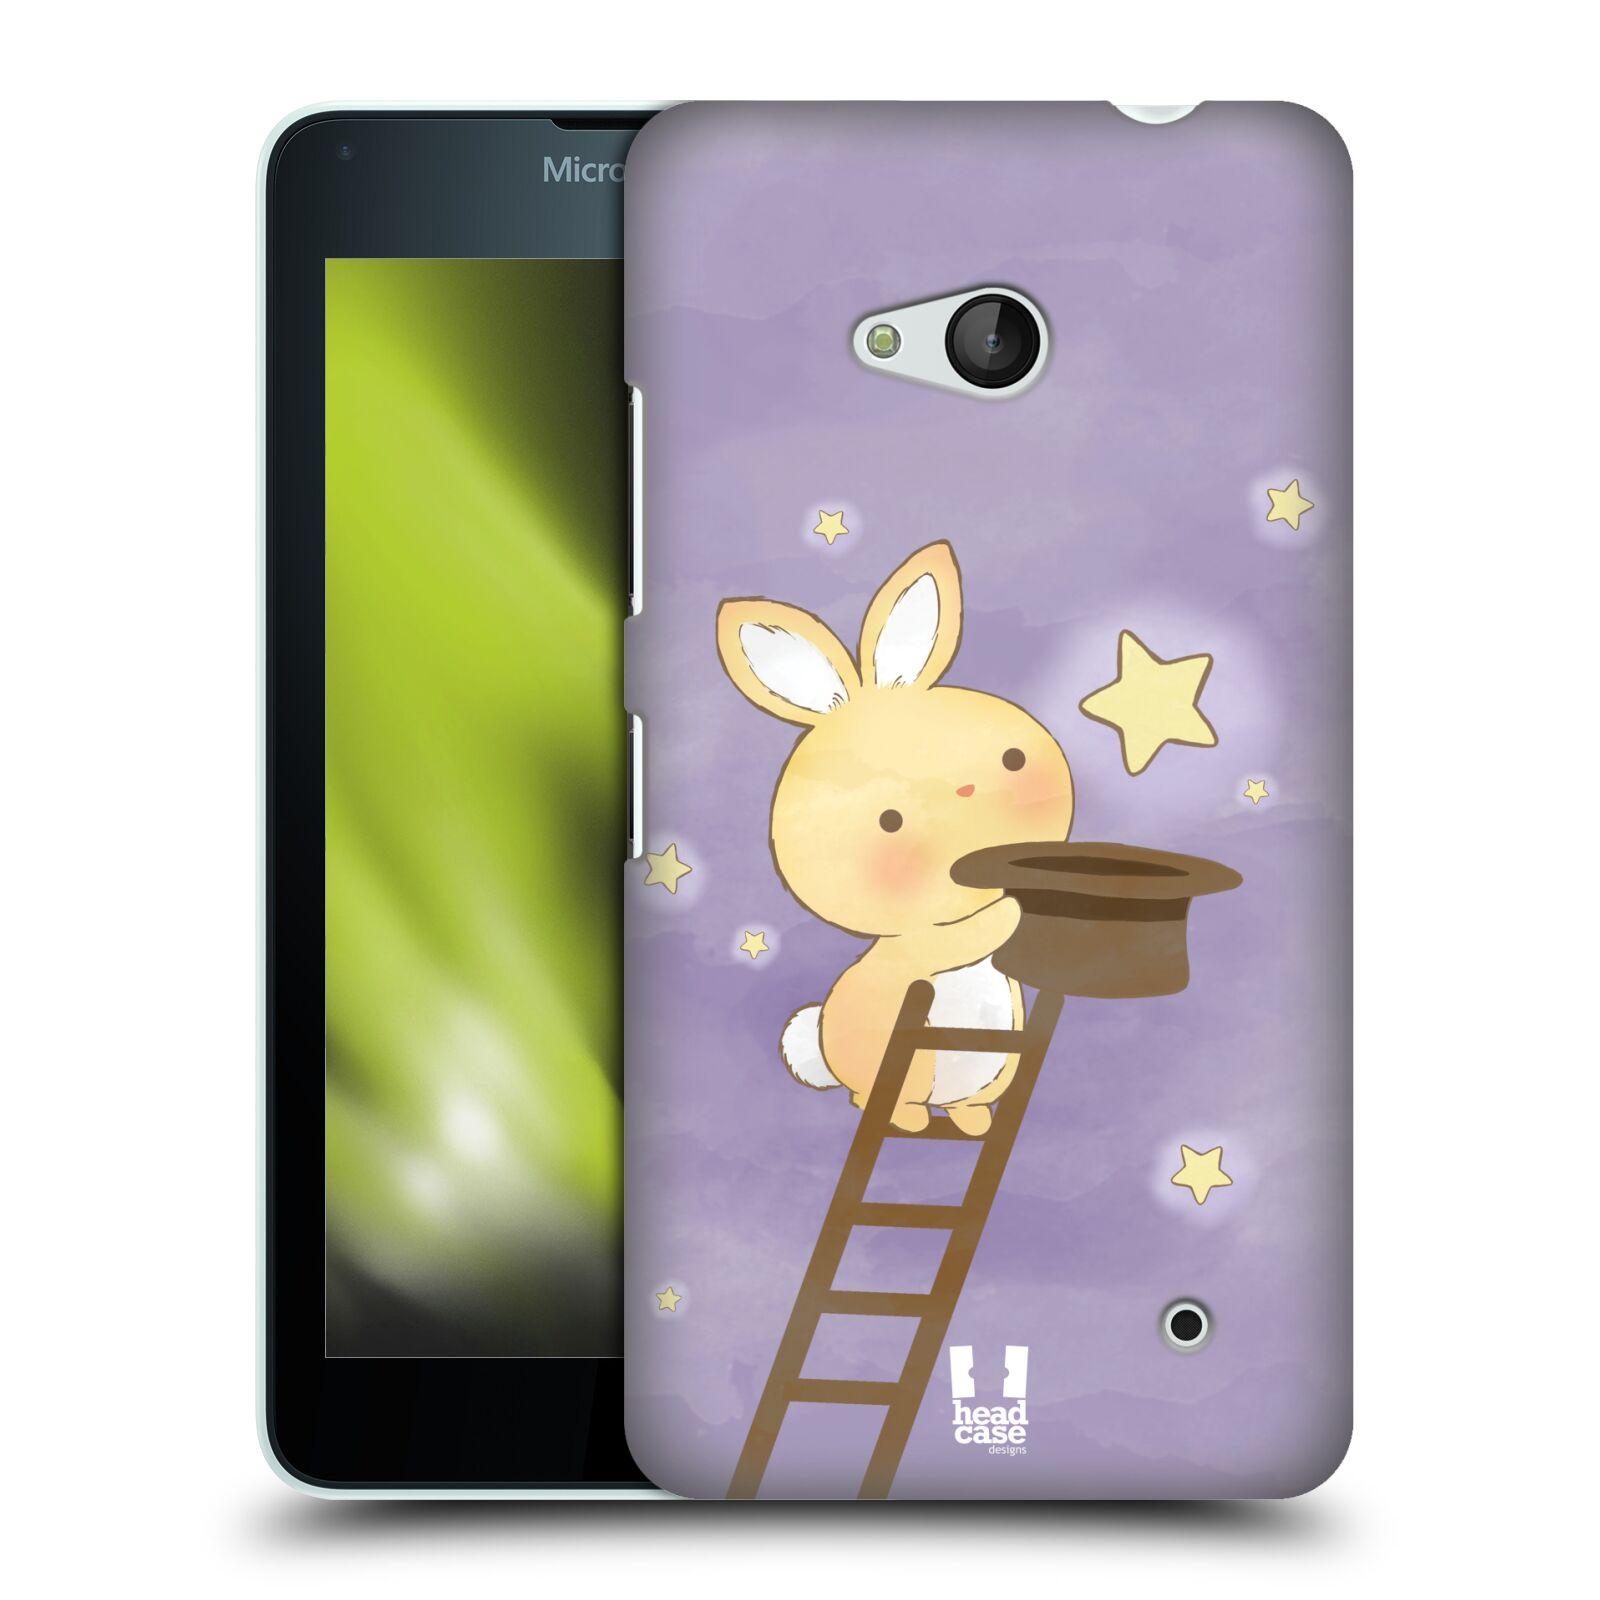 HEAD CASE plastový obal na mobil Nokia Lumia 640 vzor králíček a hvězdy fialová